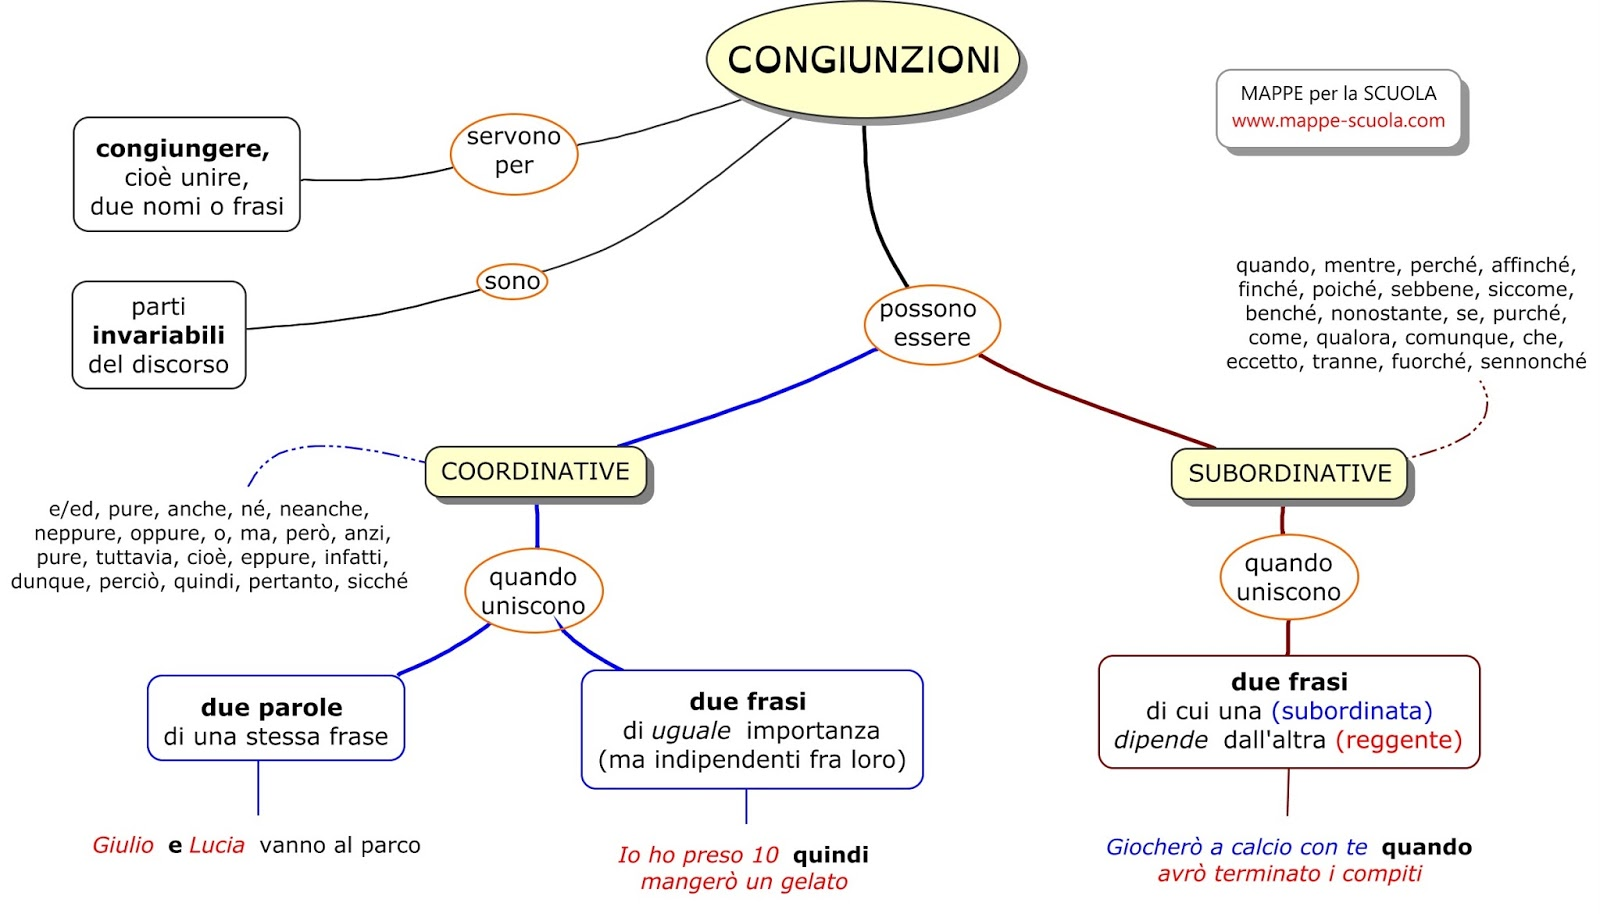 Populaire MAPPE per la SCUOLA: LE CONGIUNZIONI KI95